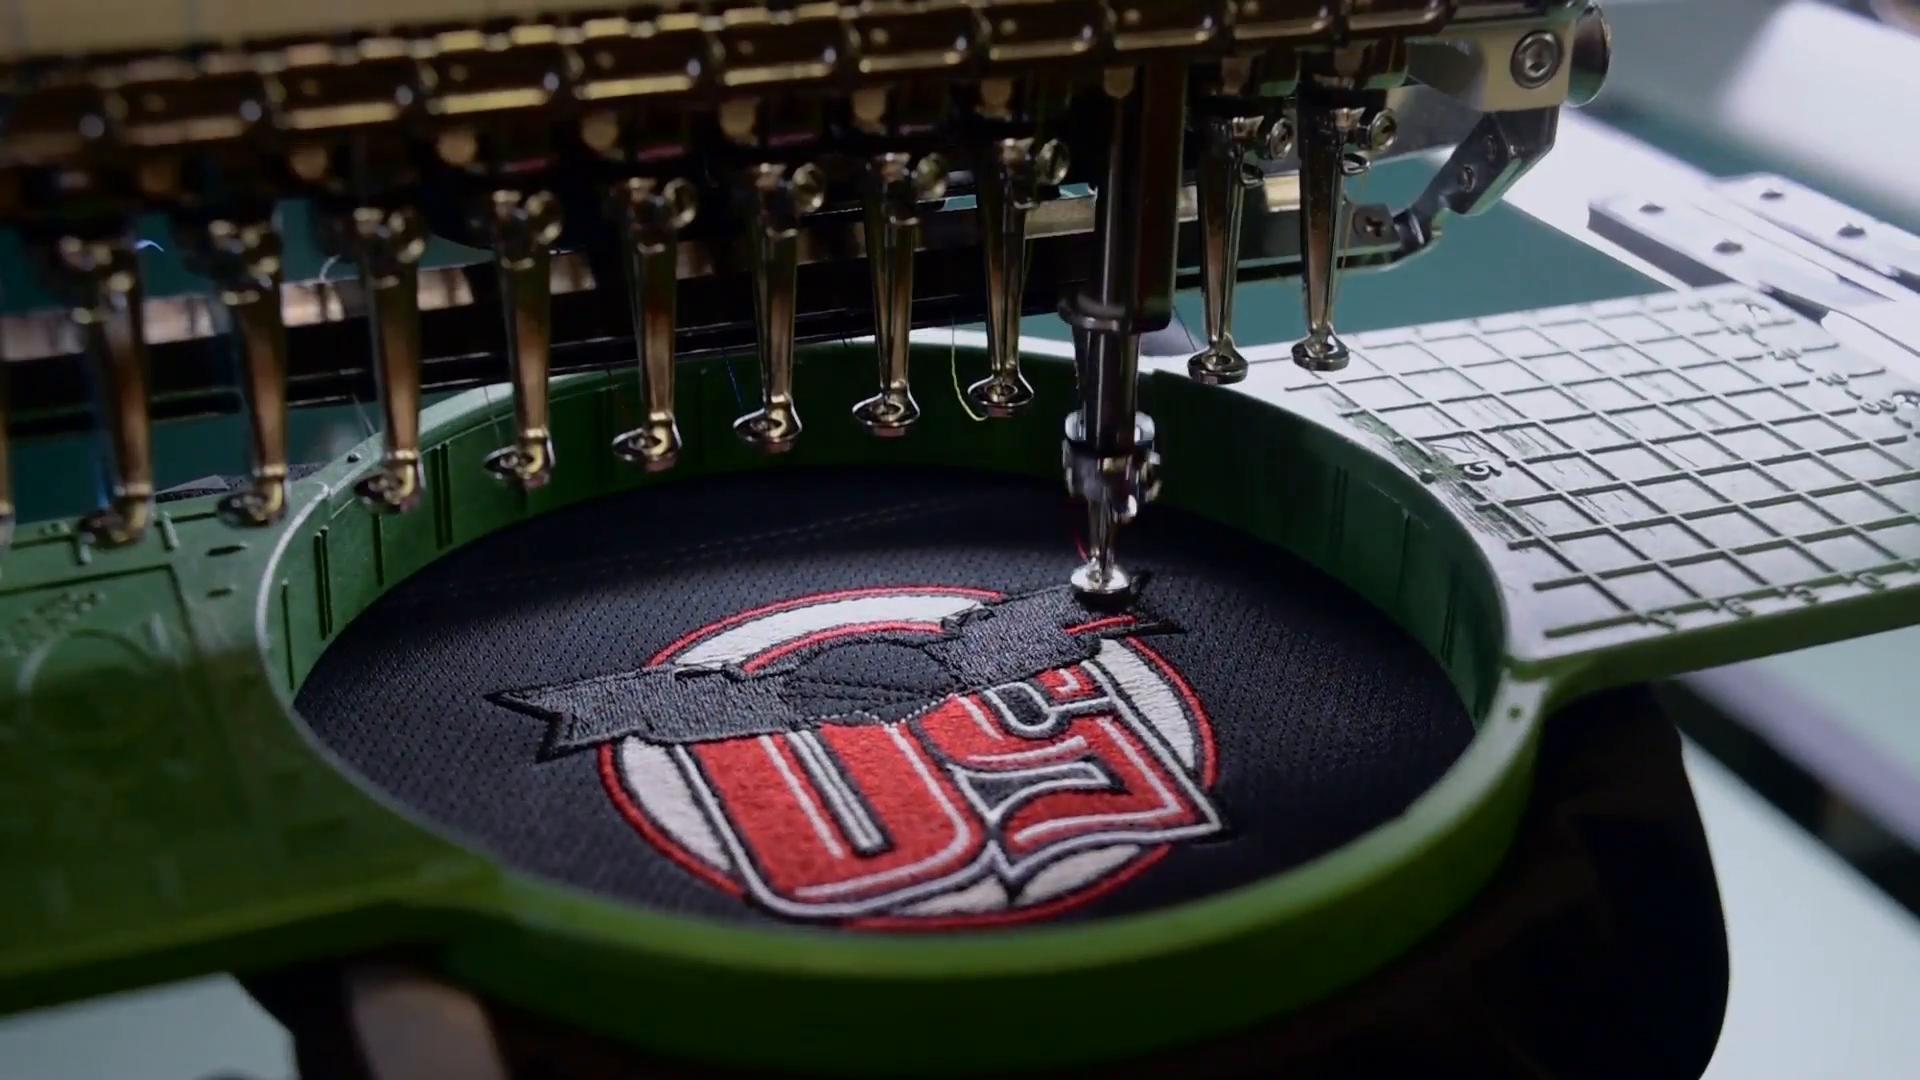 embroidery-machine-stitching-logo_4kqsa-uc__F0000.png